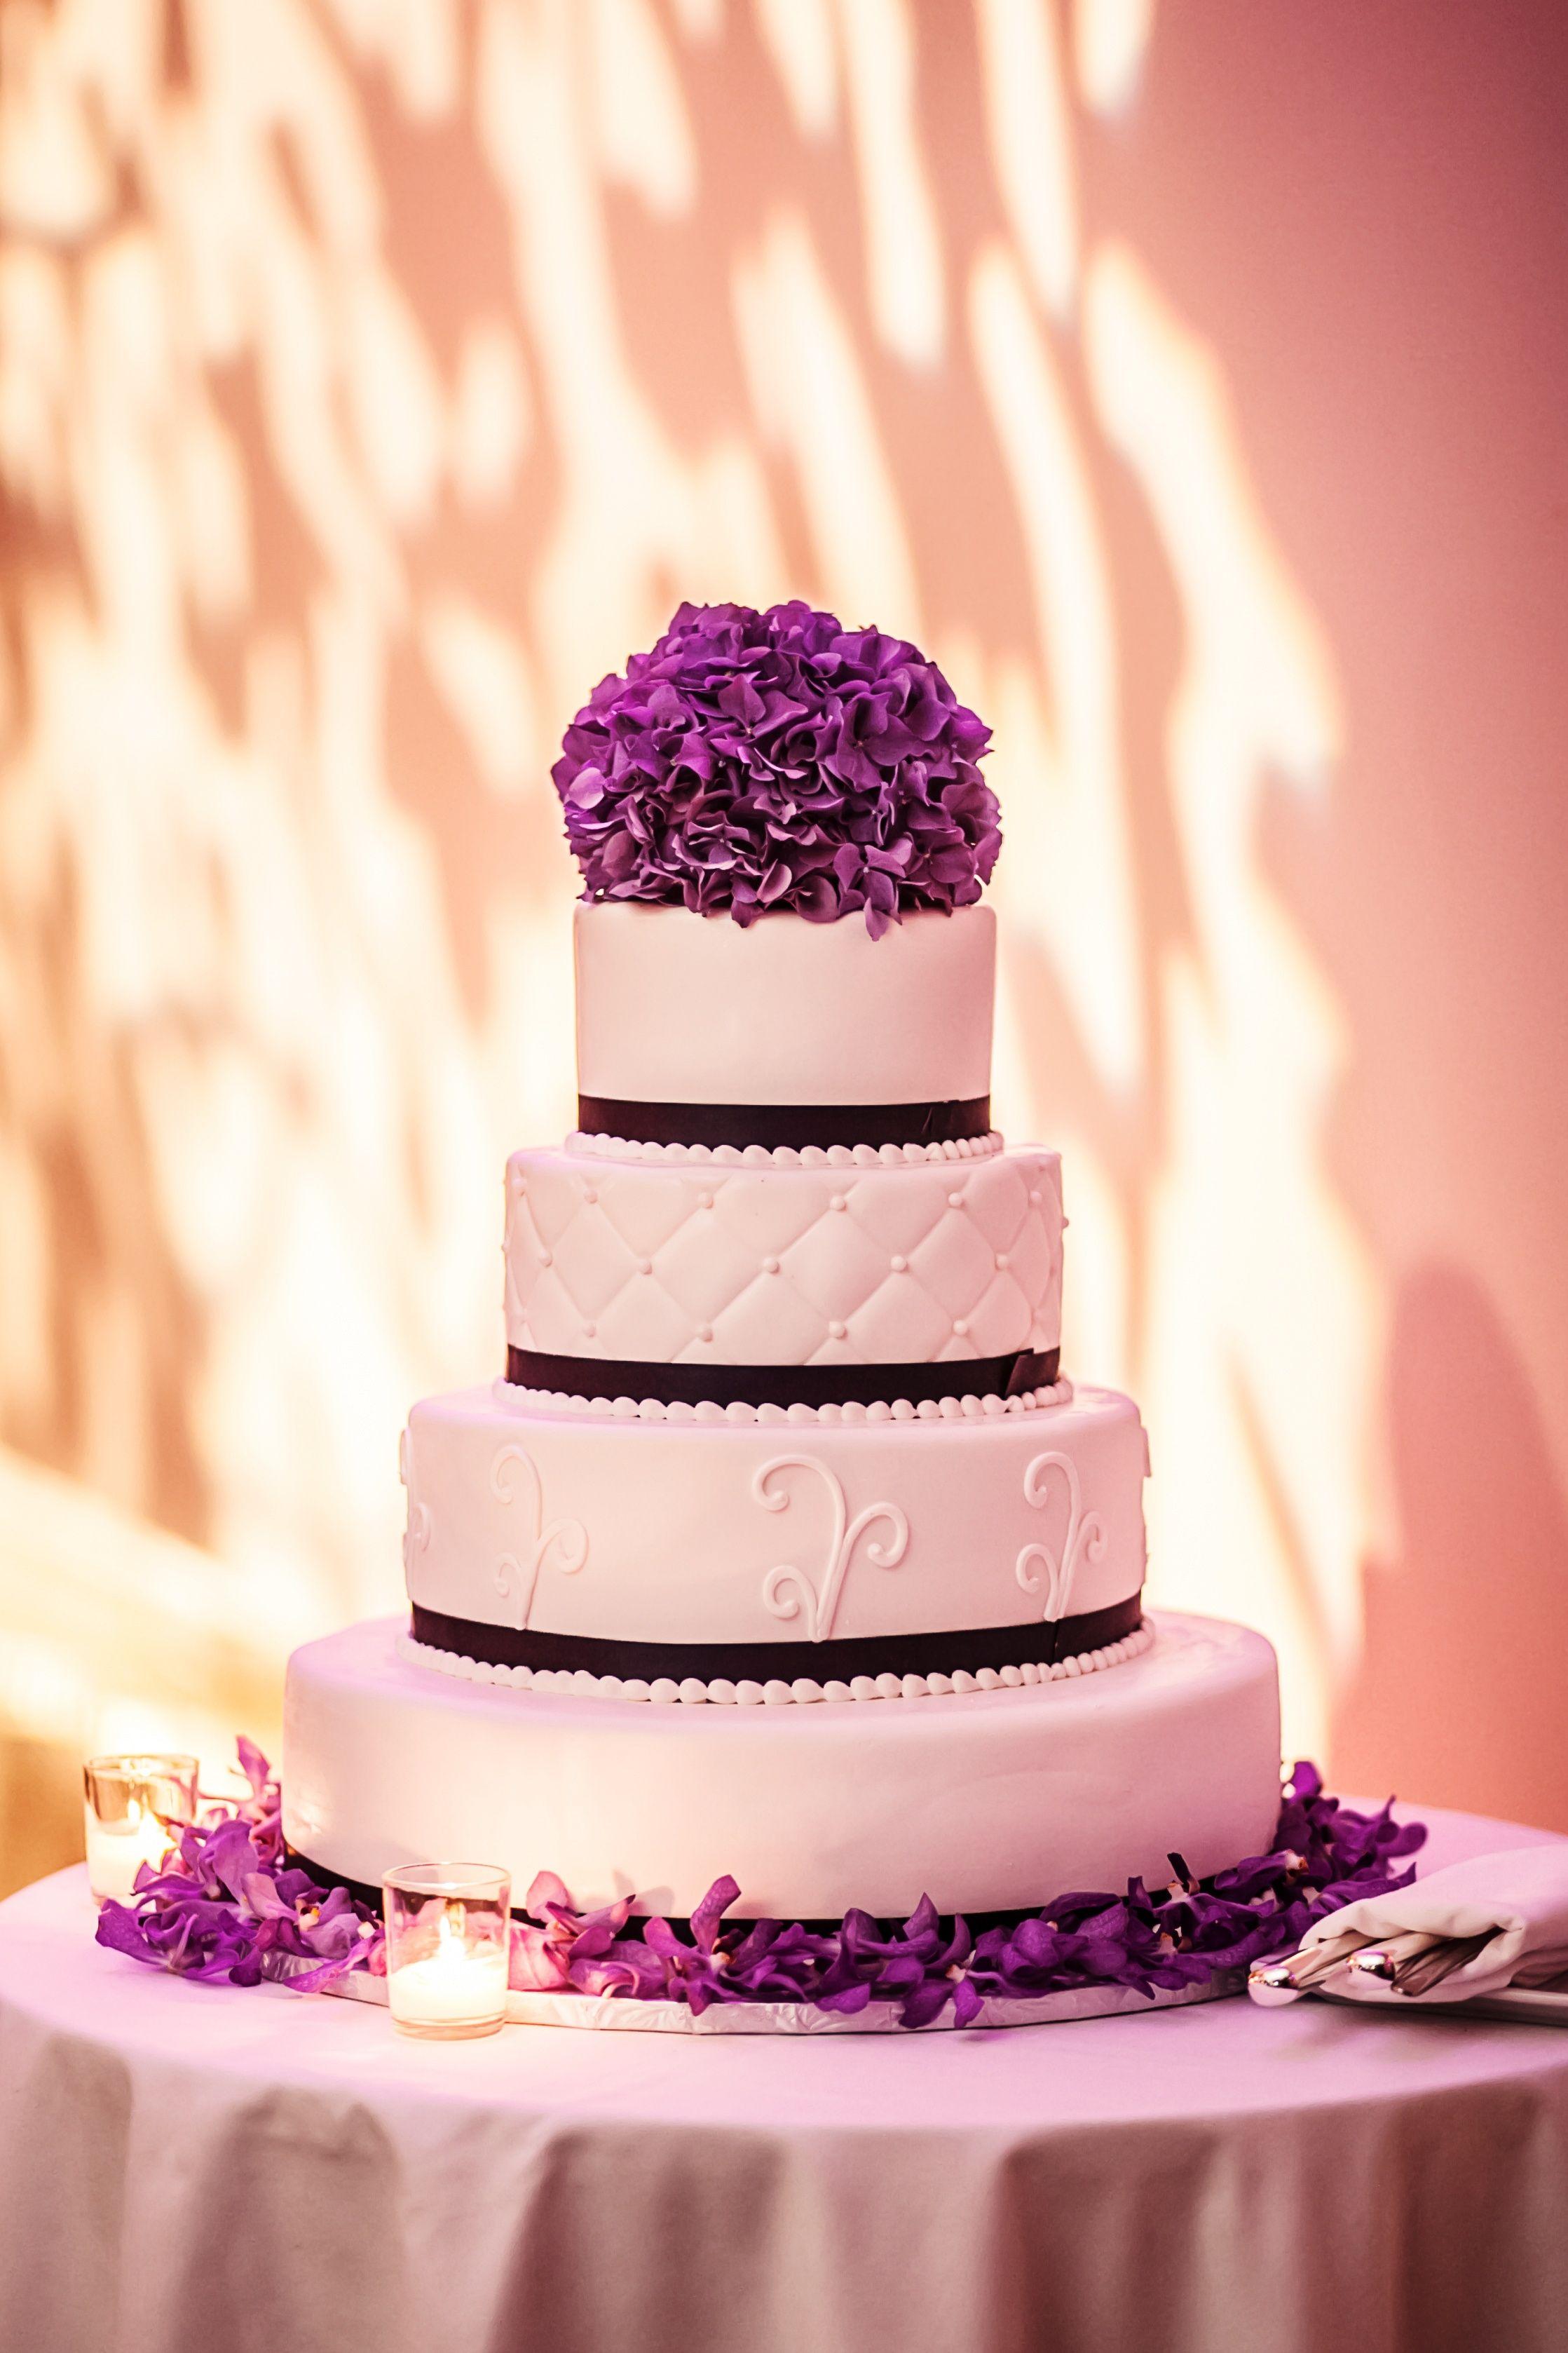 Four Tier Wedding Cake | Jayd Gardina Photography | Theknot.com ...